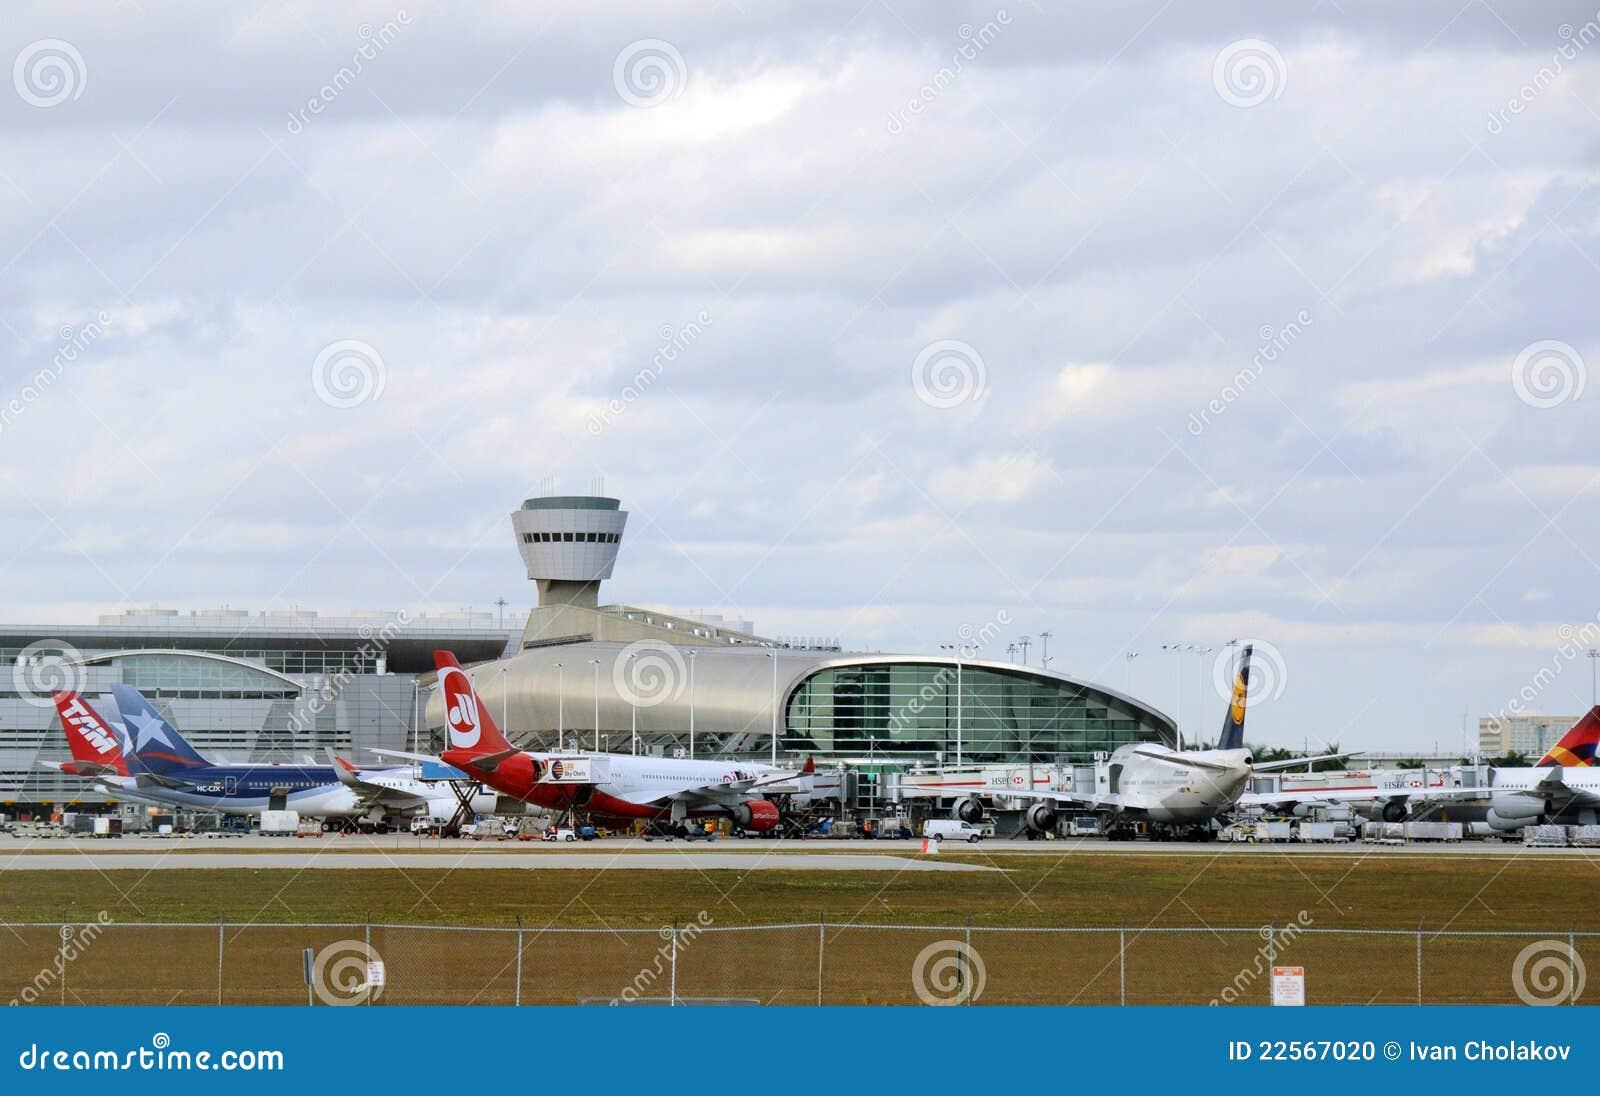 terminal de aeroporto de miami imagem editorial - imagem